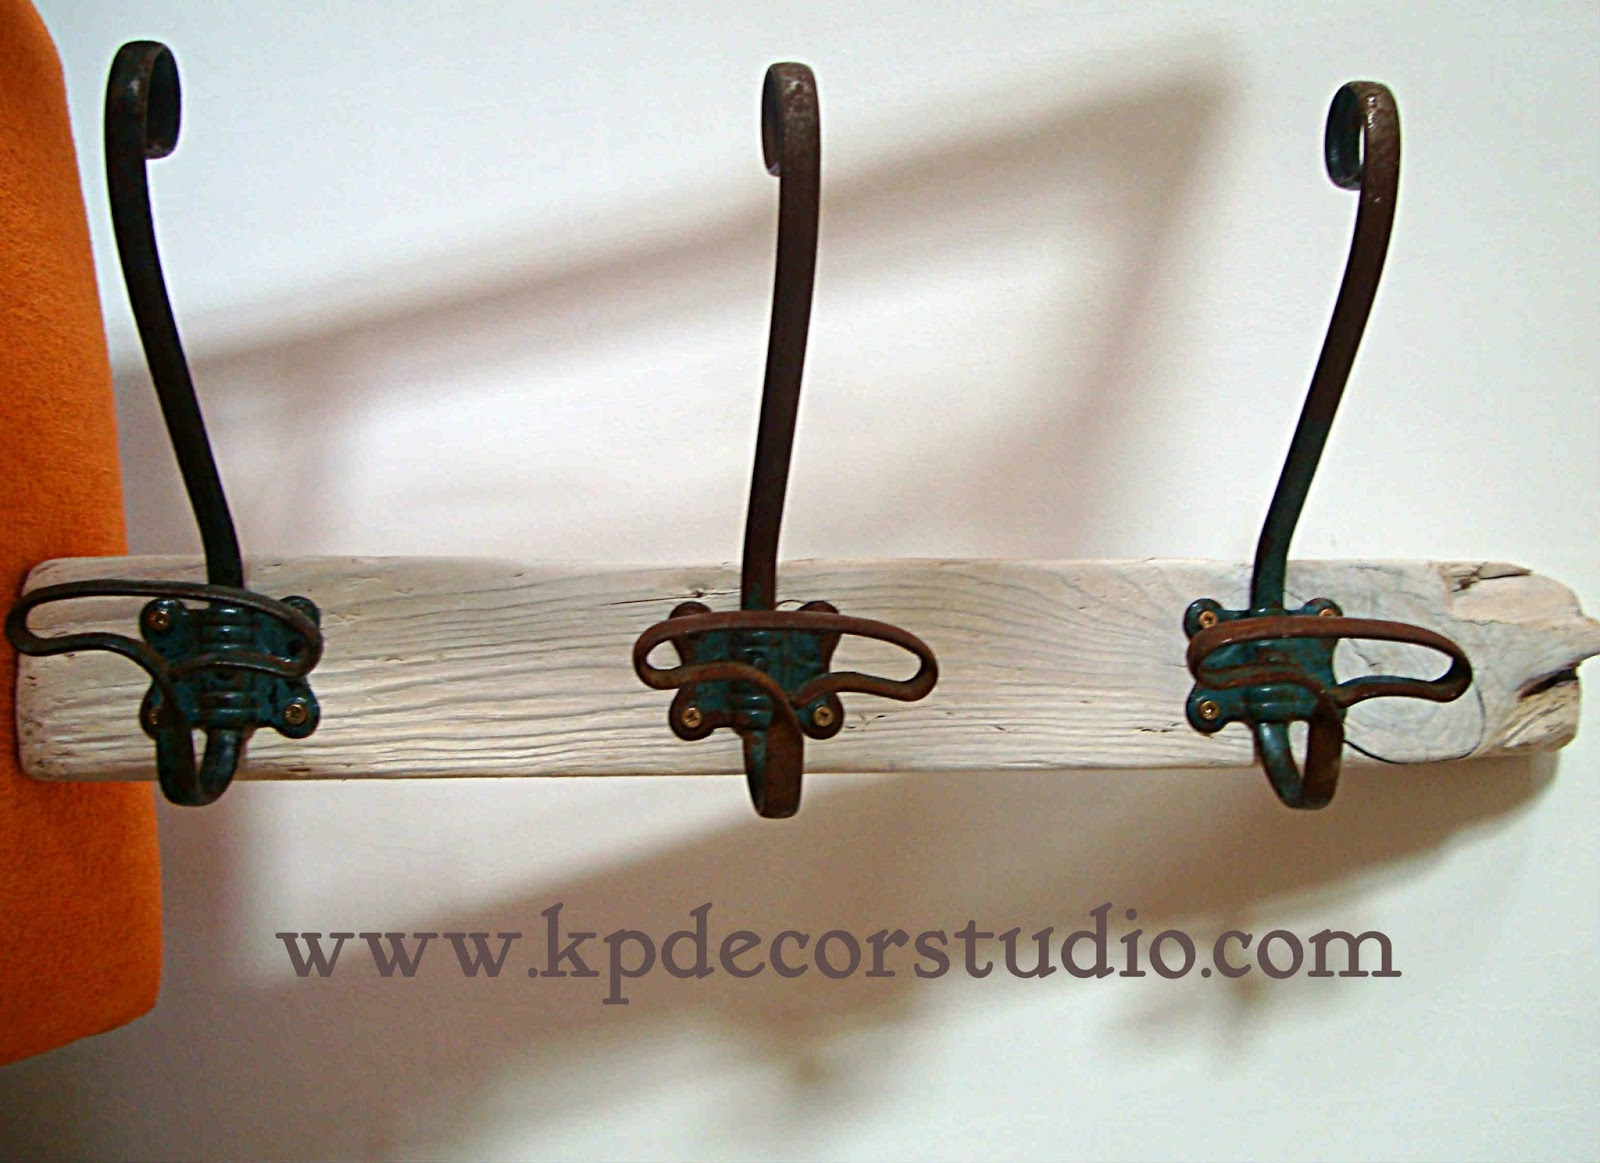 Kp tienda vintage online perchero artesanal de madera con for Como hacer un perchero de pared